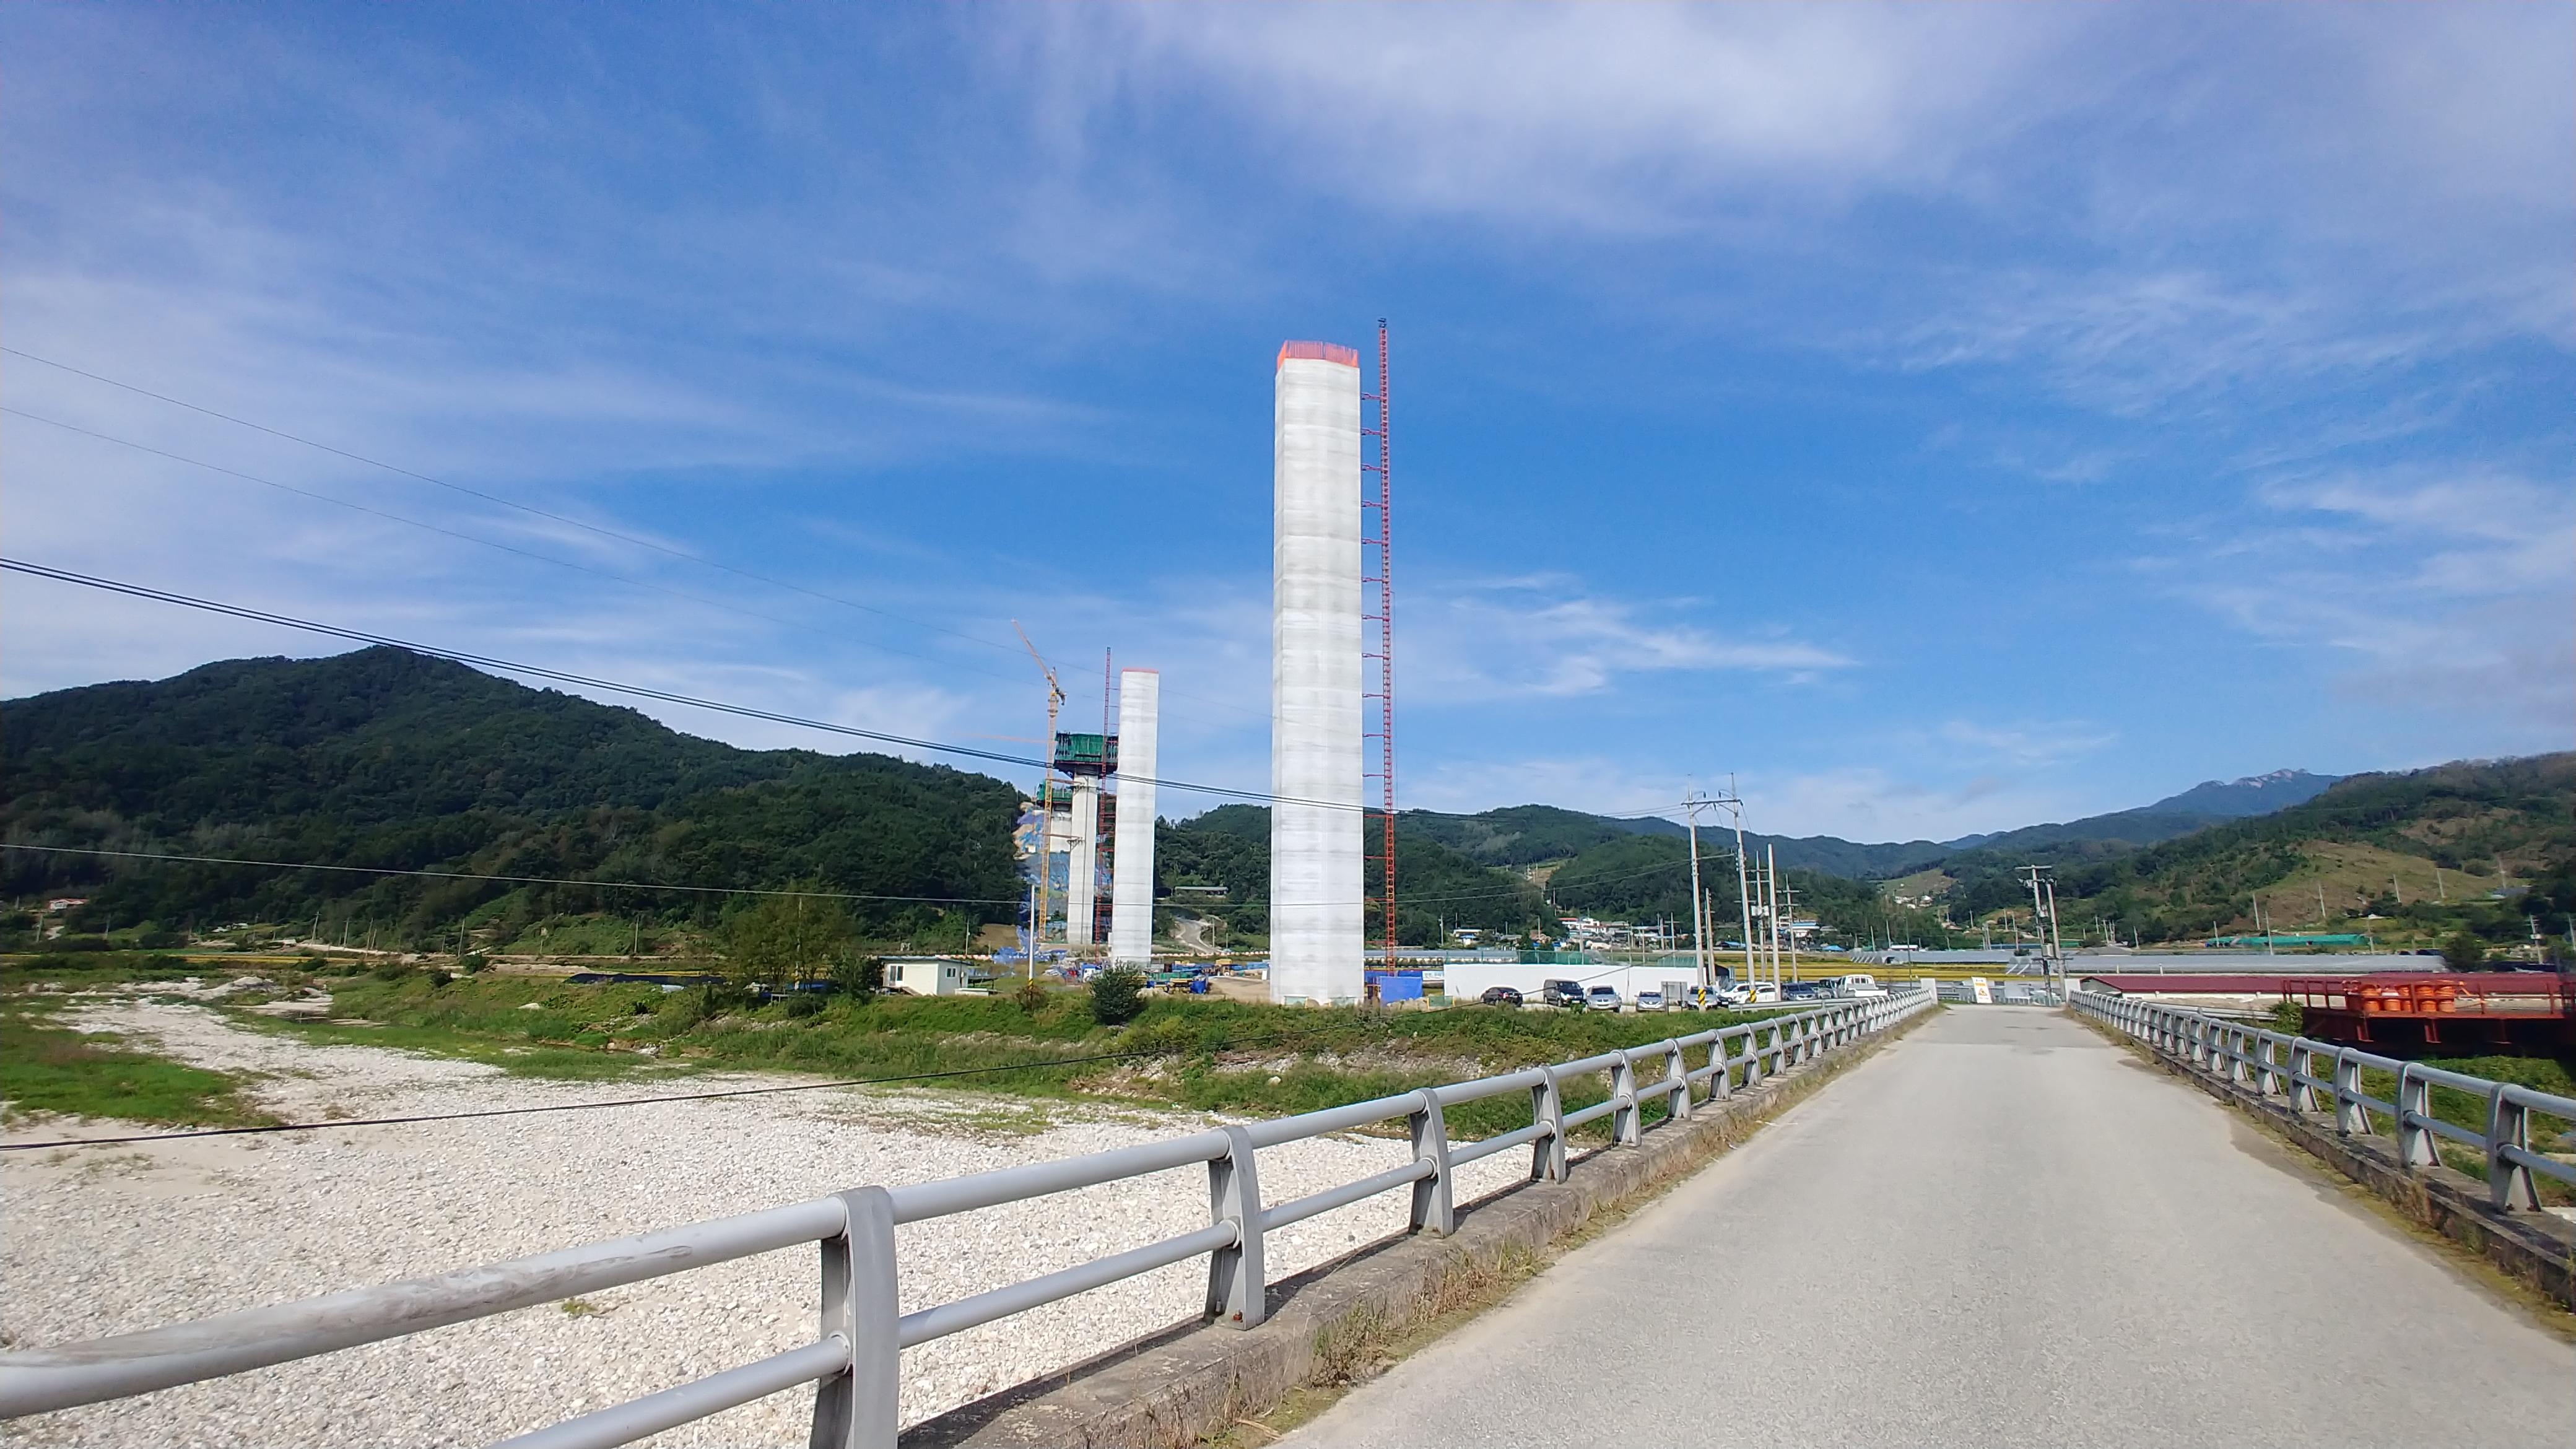 [고속도로 공사 현황] 함양울산 고속도로 2024년 전 구간 개통, 함양~합천 구간 공사 순조롭게 진행